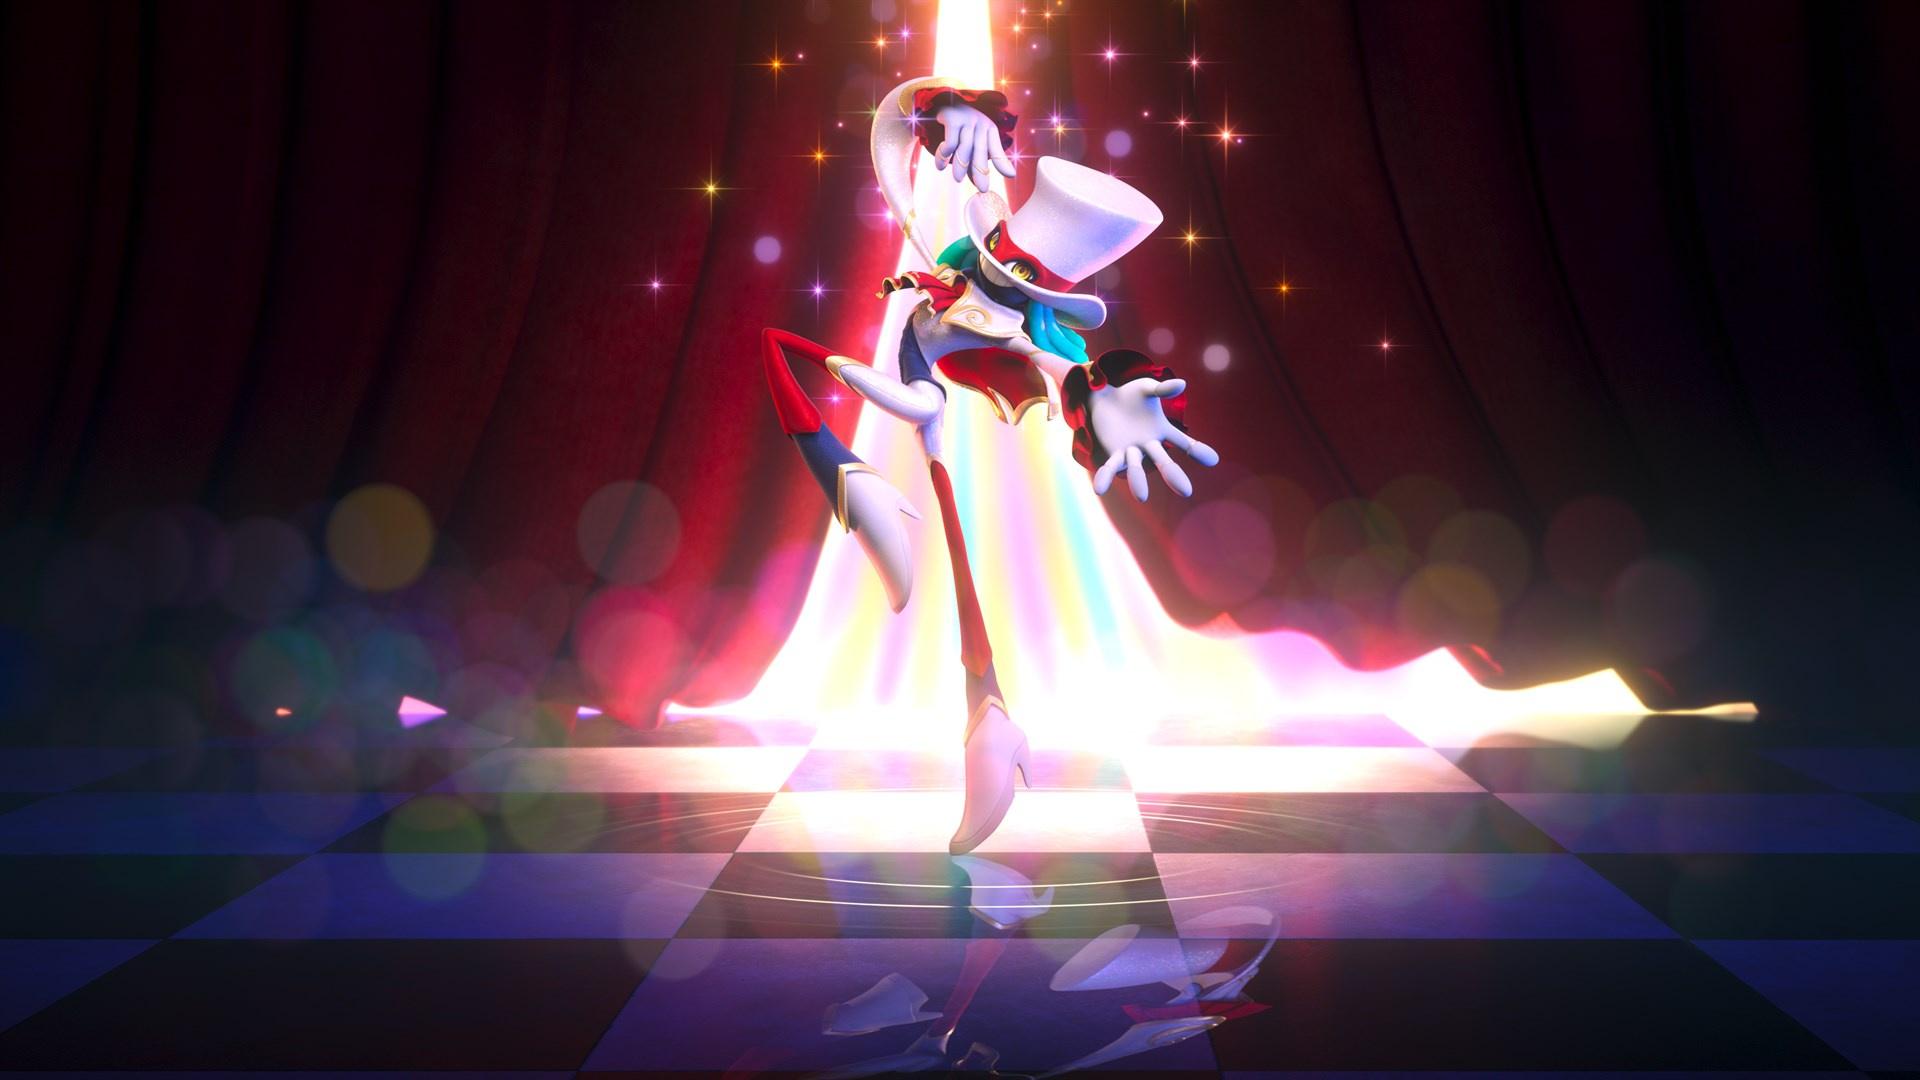 Новый геймплейный трейлер платформера Balan Wonderworld